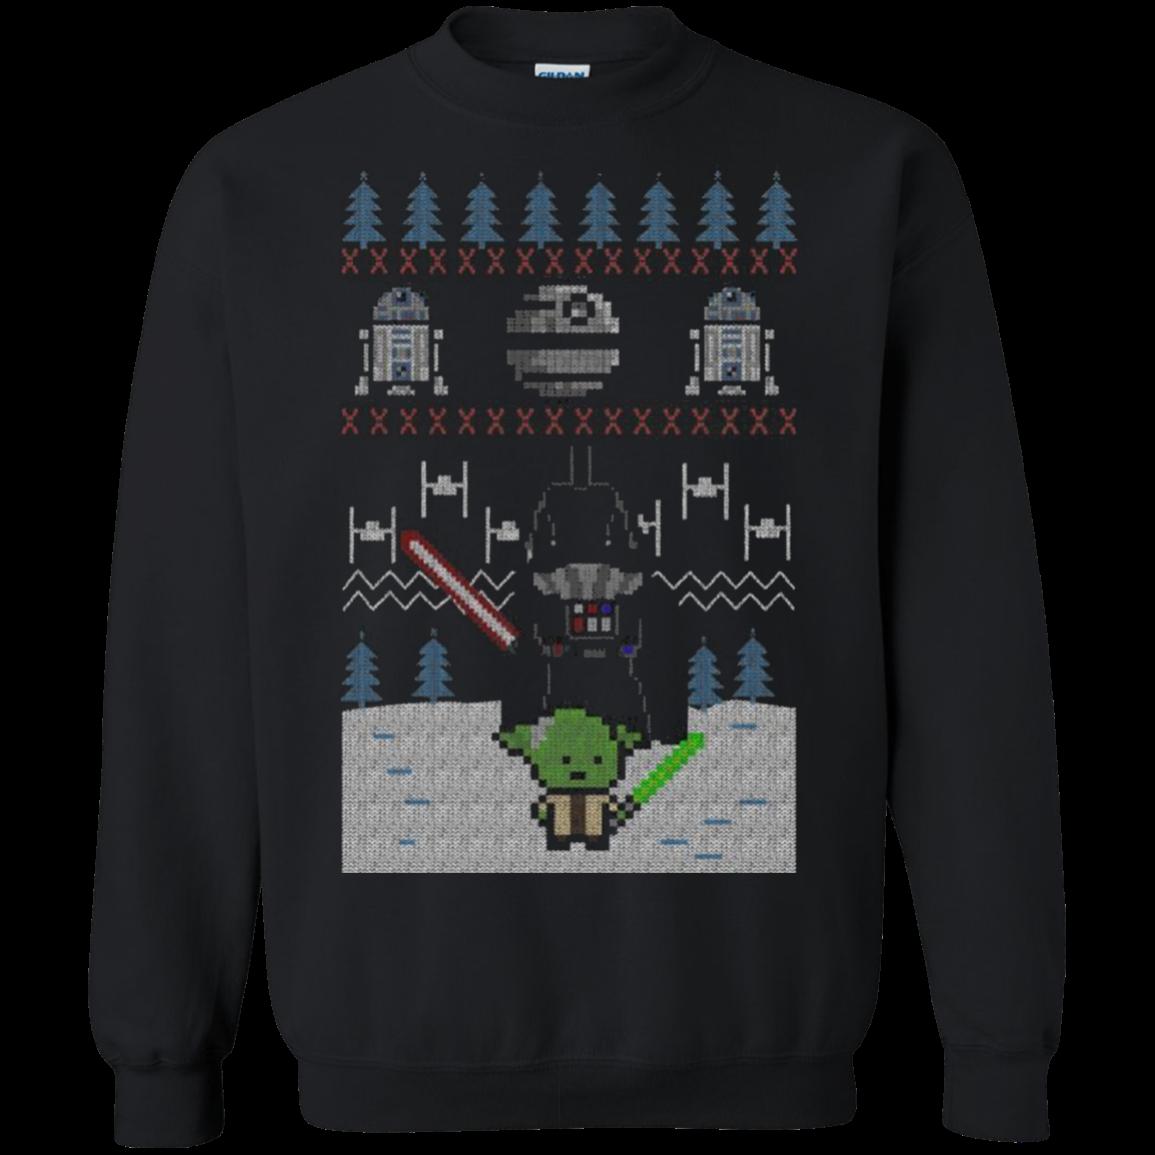 Yoda Vs Darth Vader The Fight Before Christmas Ugly Shirts